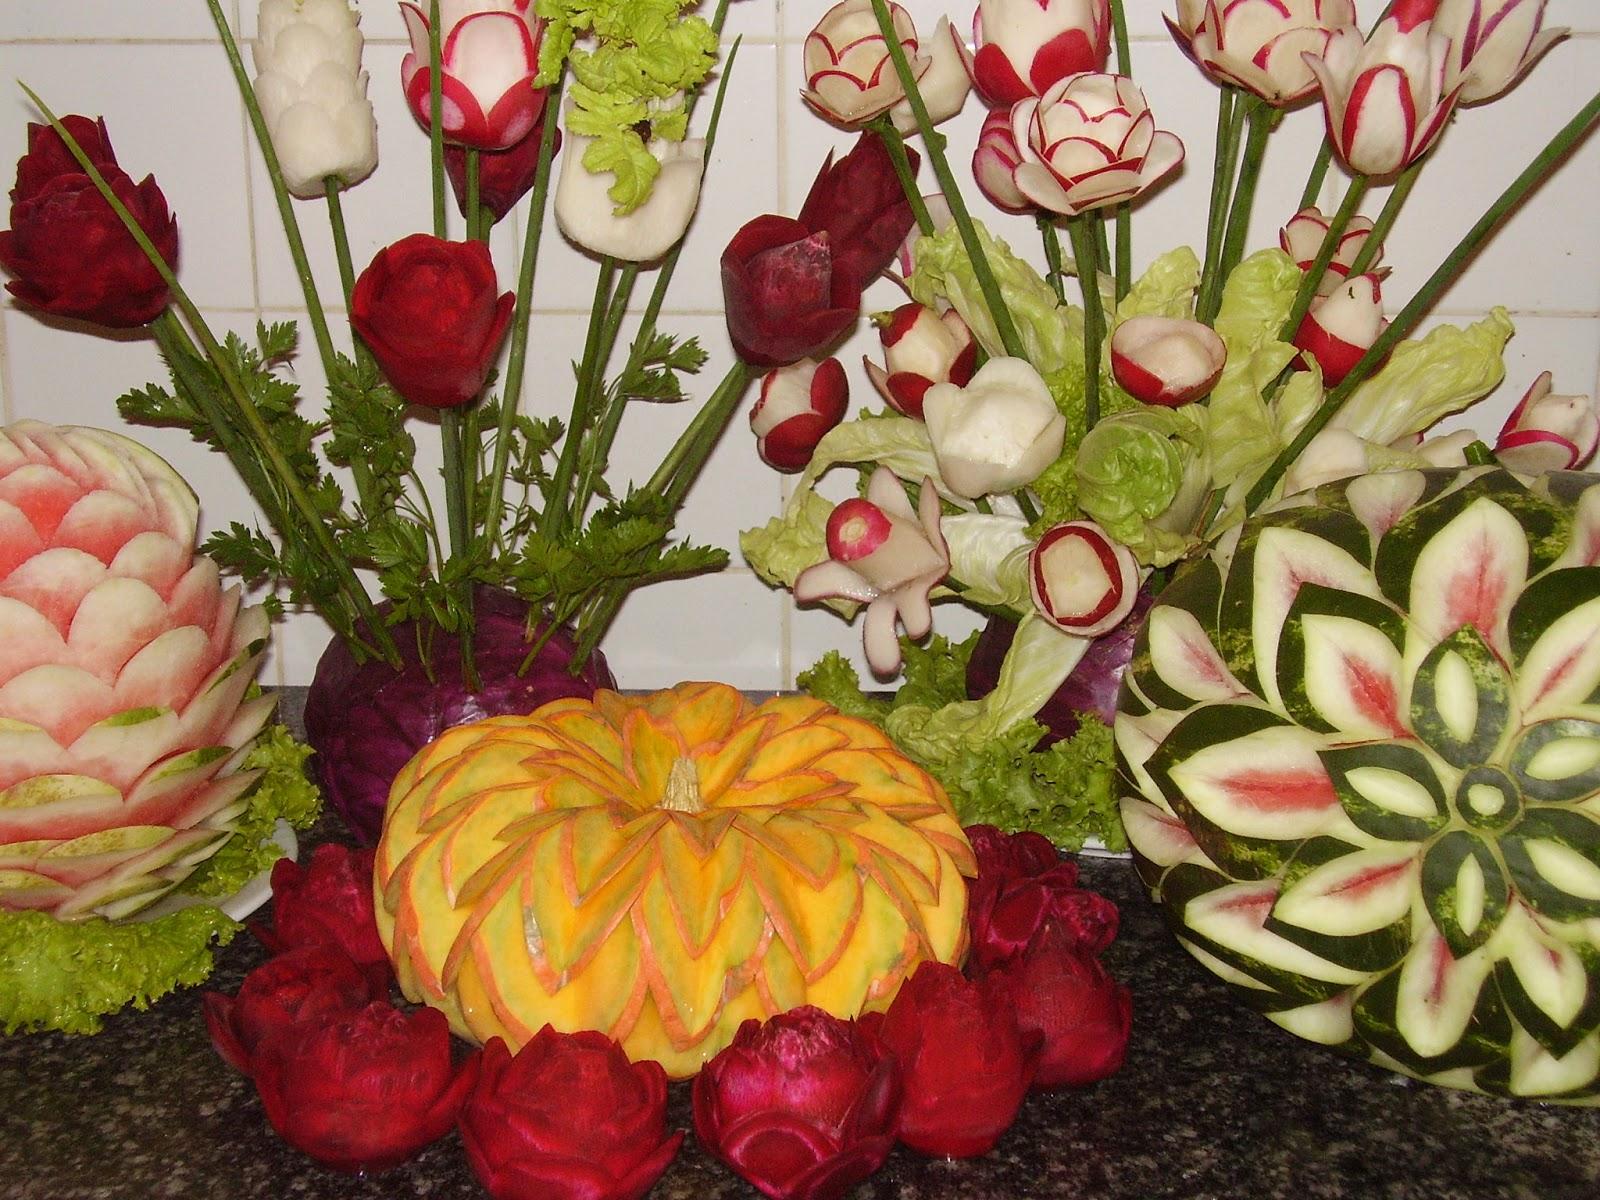 Historia del tallado decoraciones en frutas for Decoracion con verduras